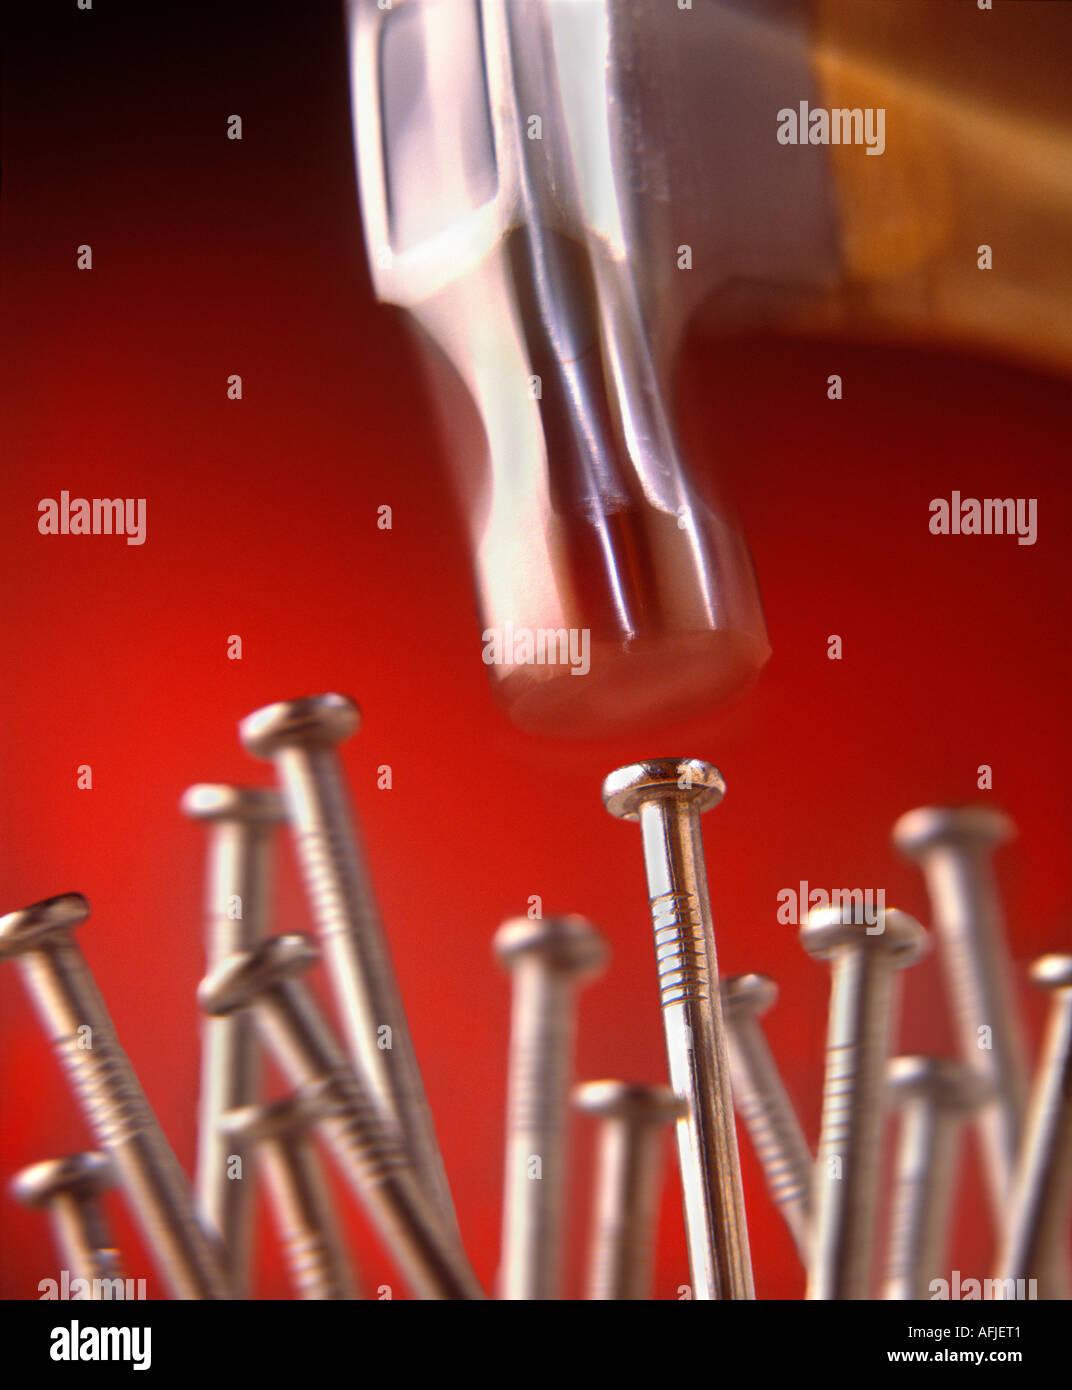 Martello sfocata che colpisce il chiodo sulla testa con altri chiodi in background Immagini Stock